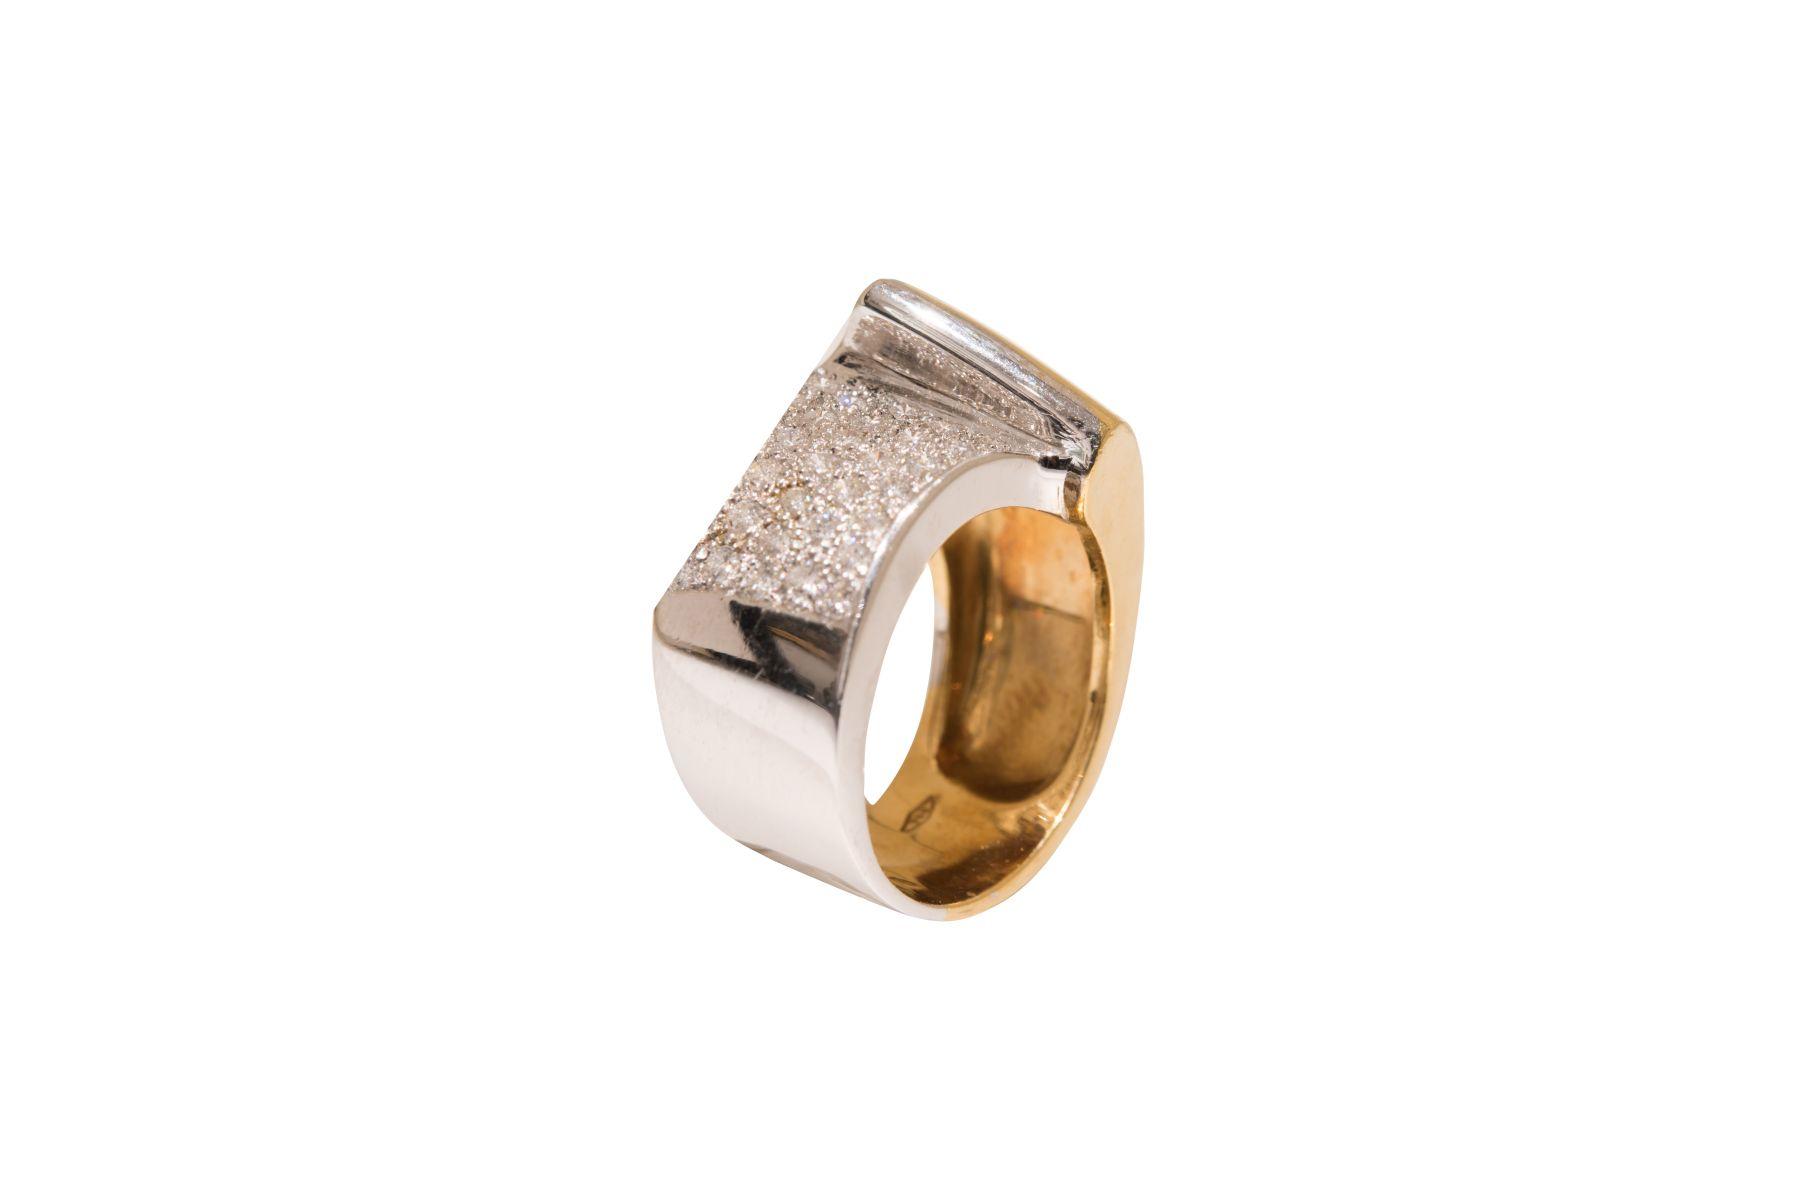 #184 Ring | Ring Image